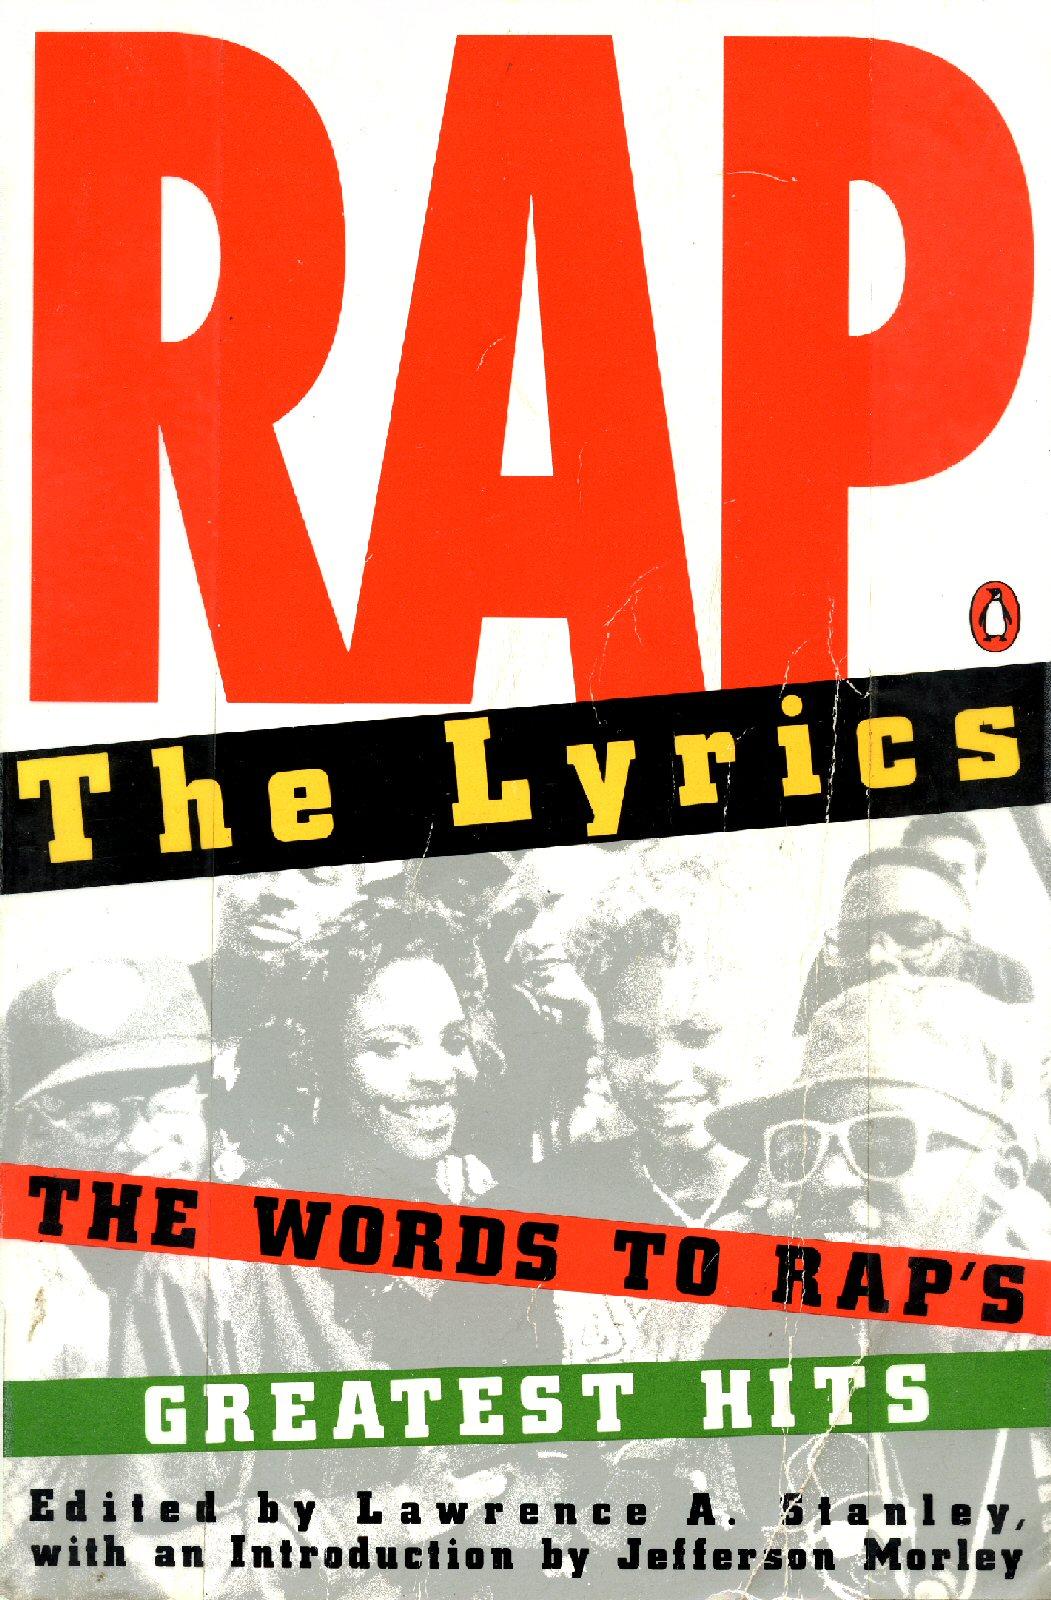 Werner von Wallenrod's Humble, Little Hip-Hop Blog: 2010